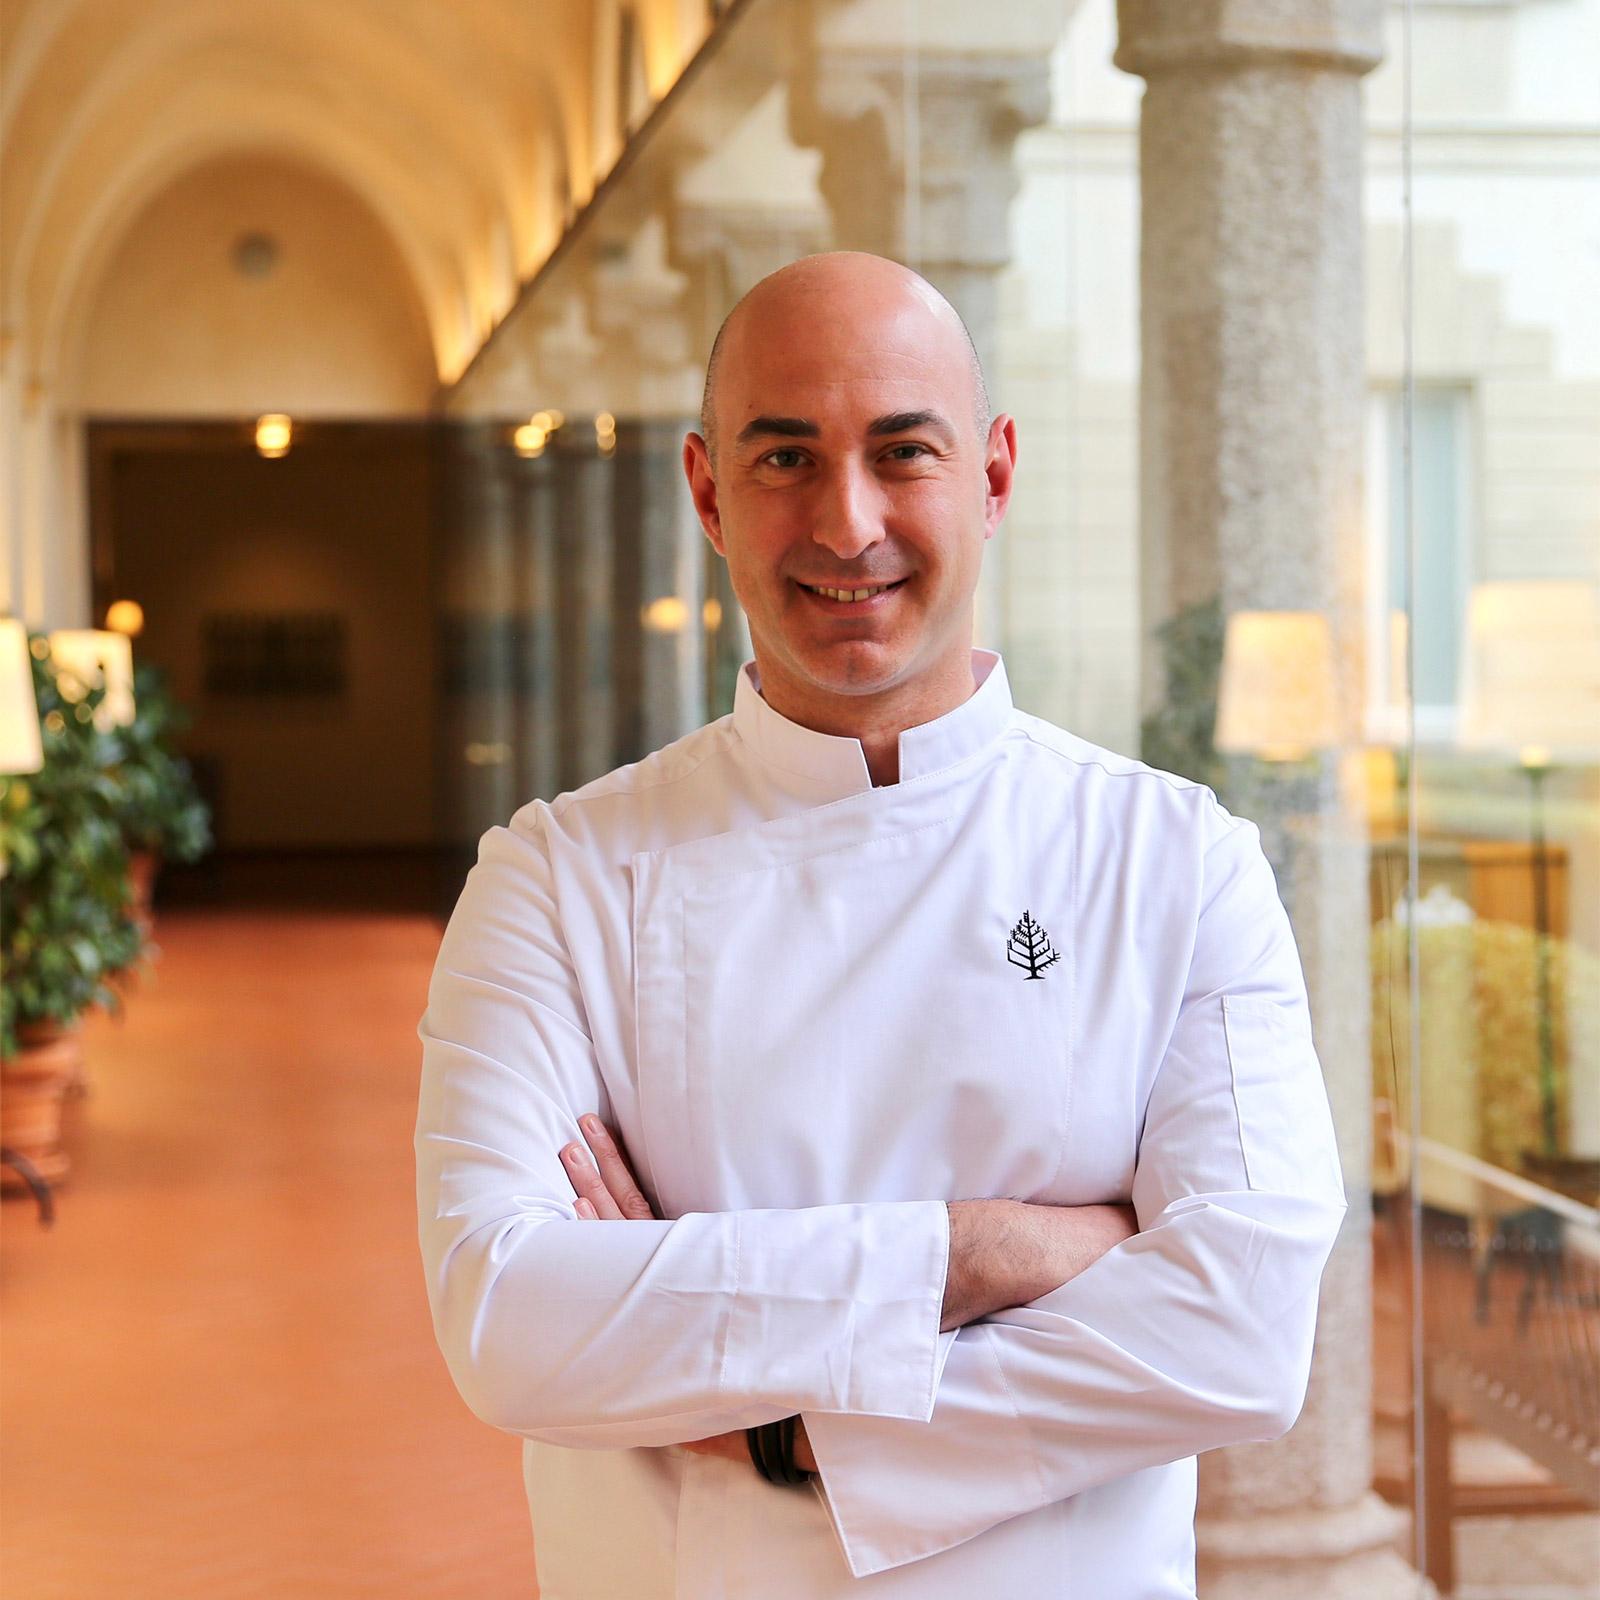 Chef Four Seasons Hotel Milano: Fabrizio Borraccino